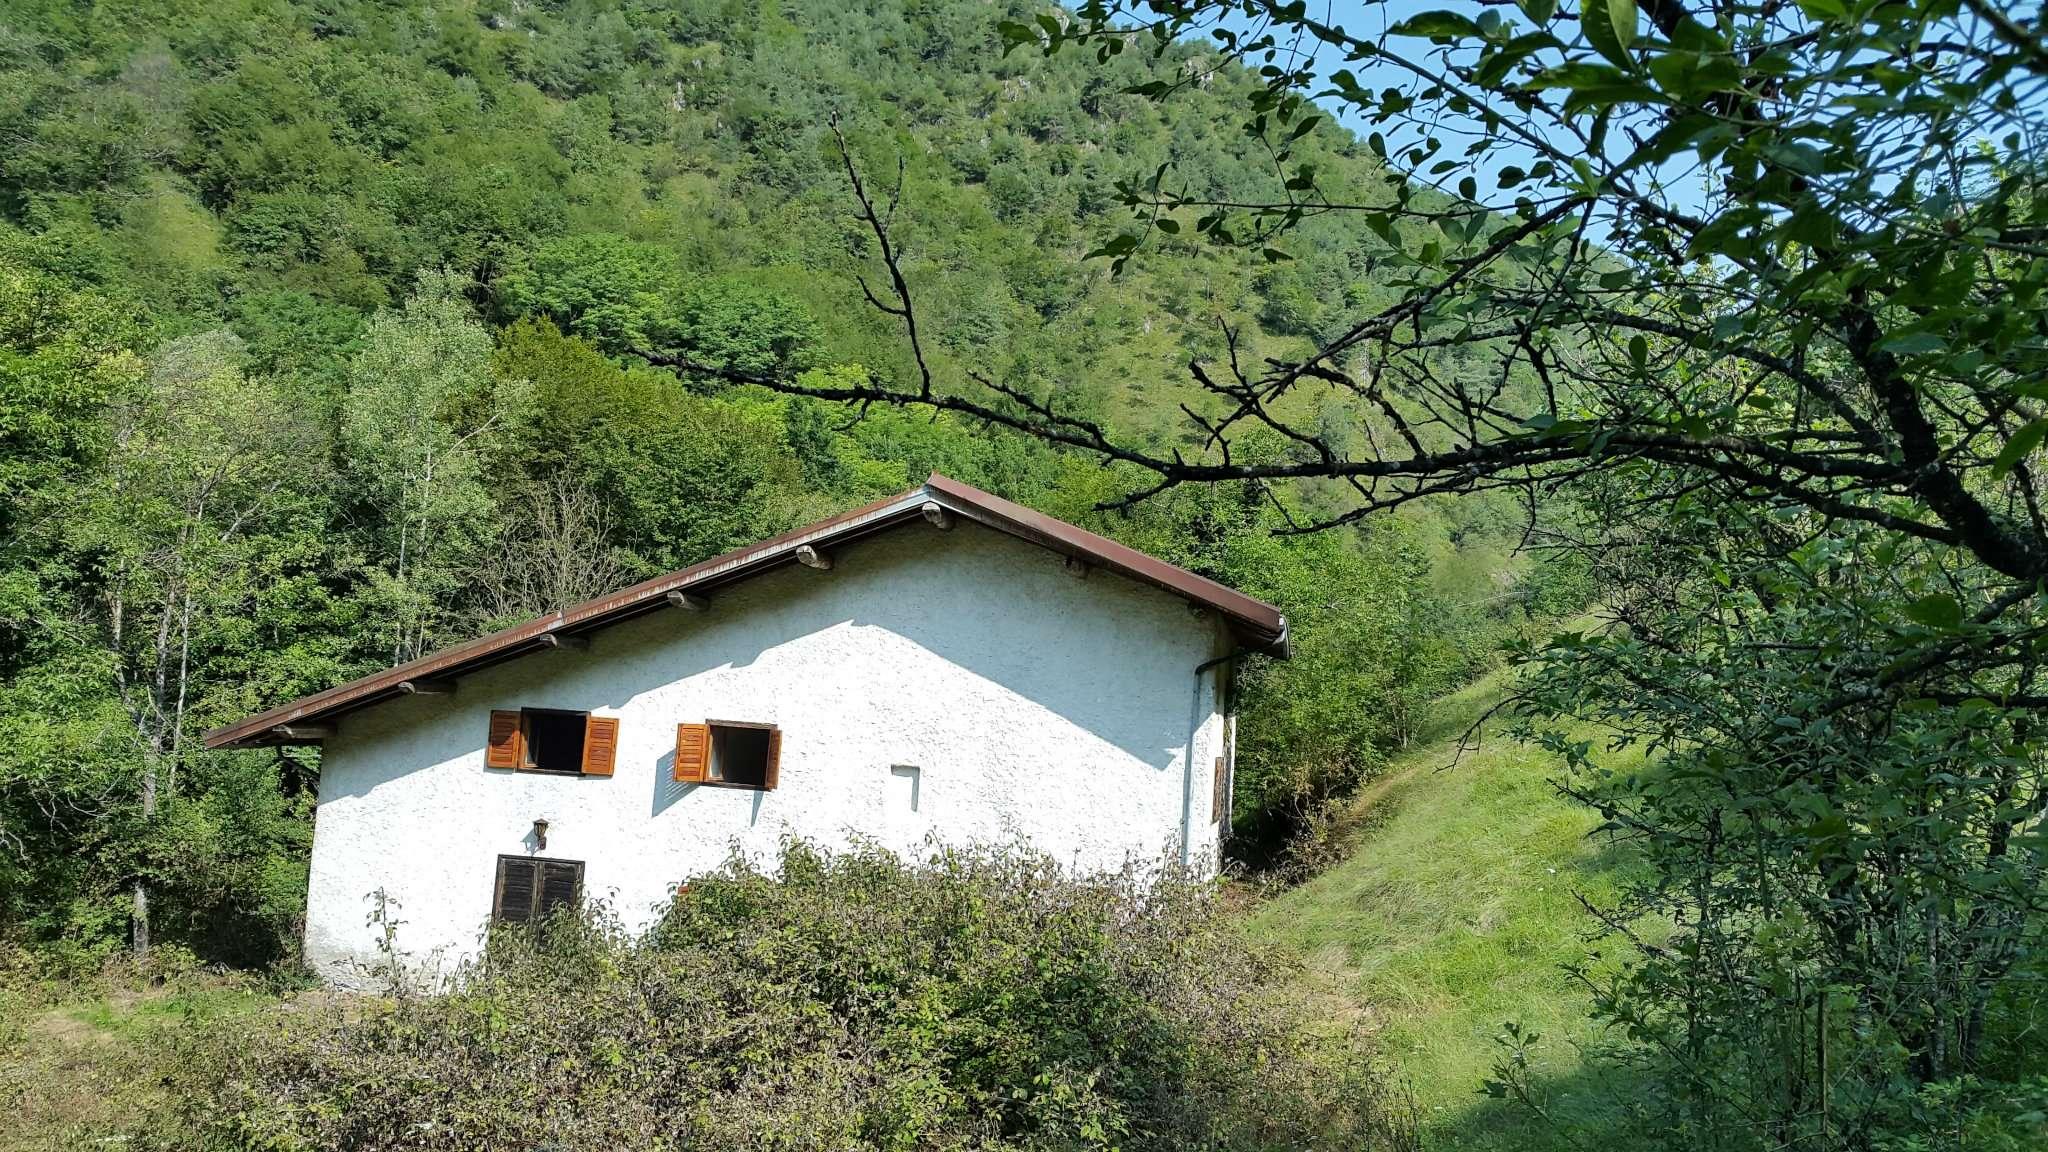 Rustico / Casale in vendita a Vobarno, 6 locali, prezzo € 160.000 | CambioCasa.it